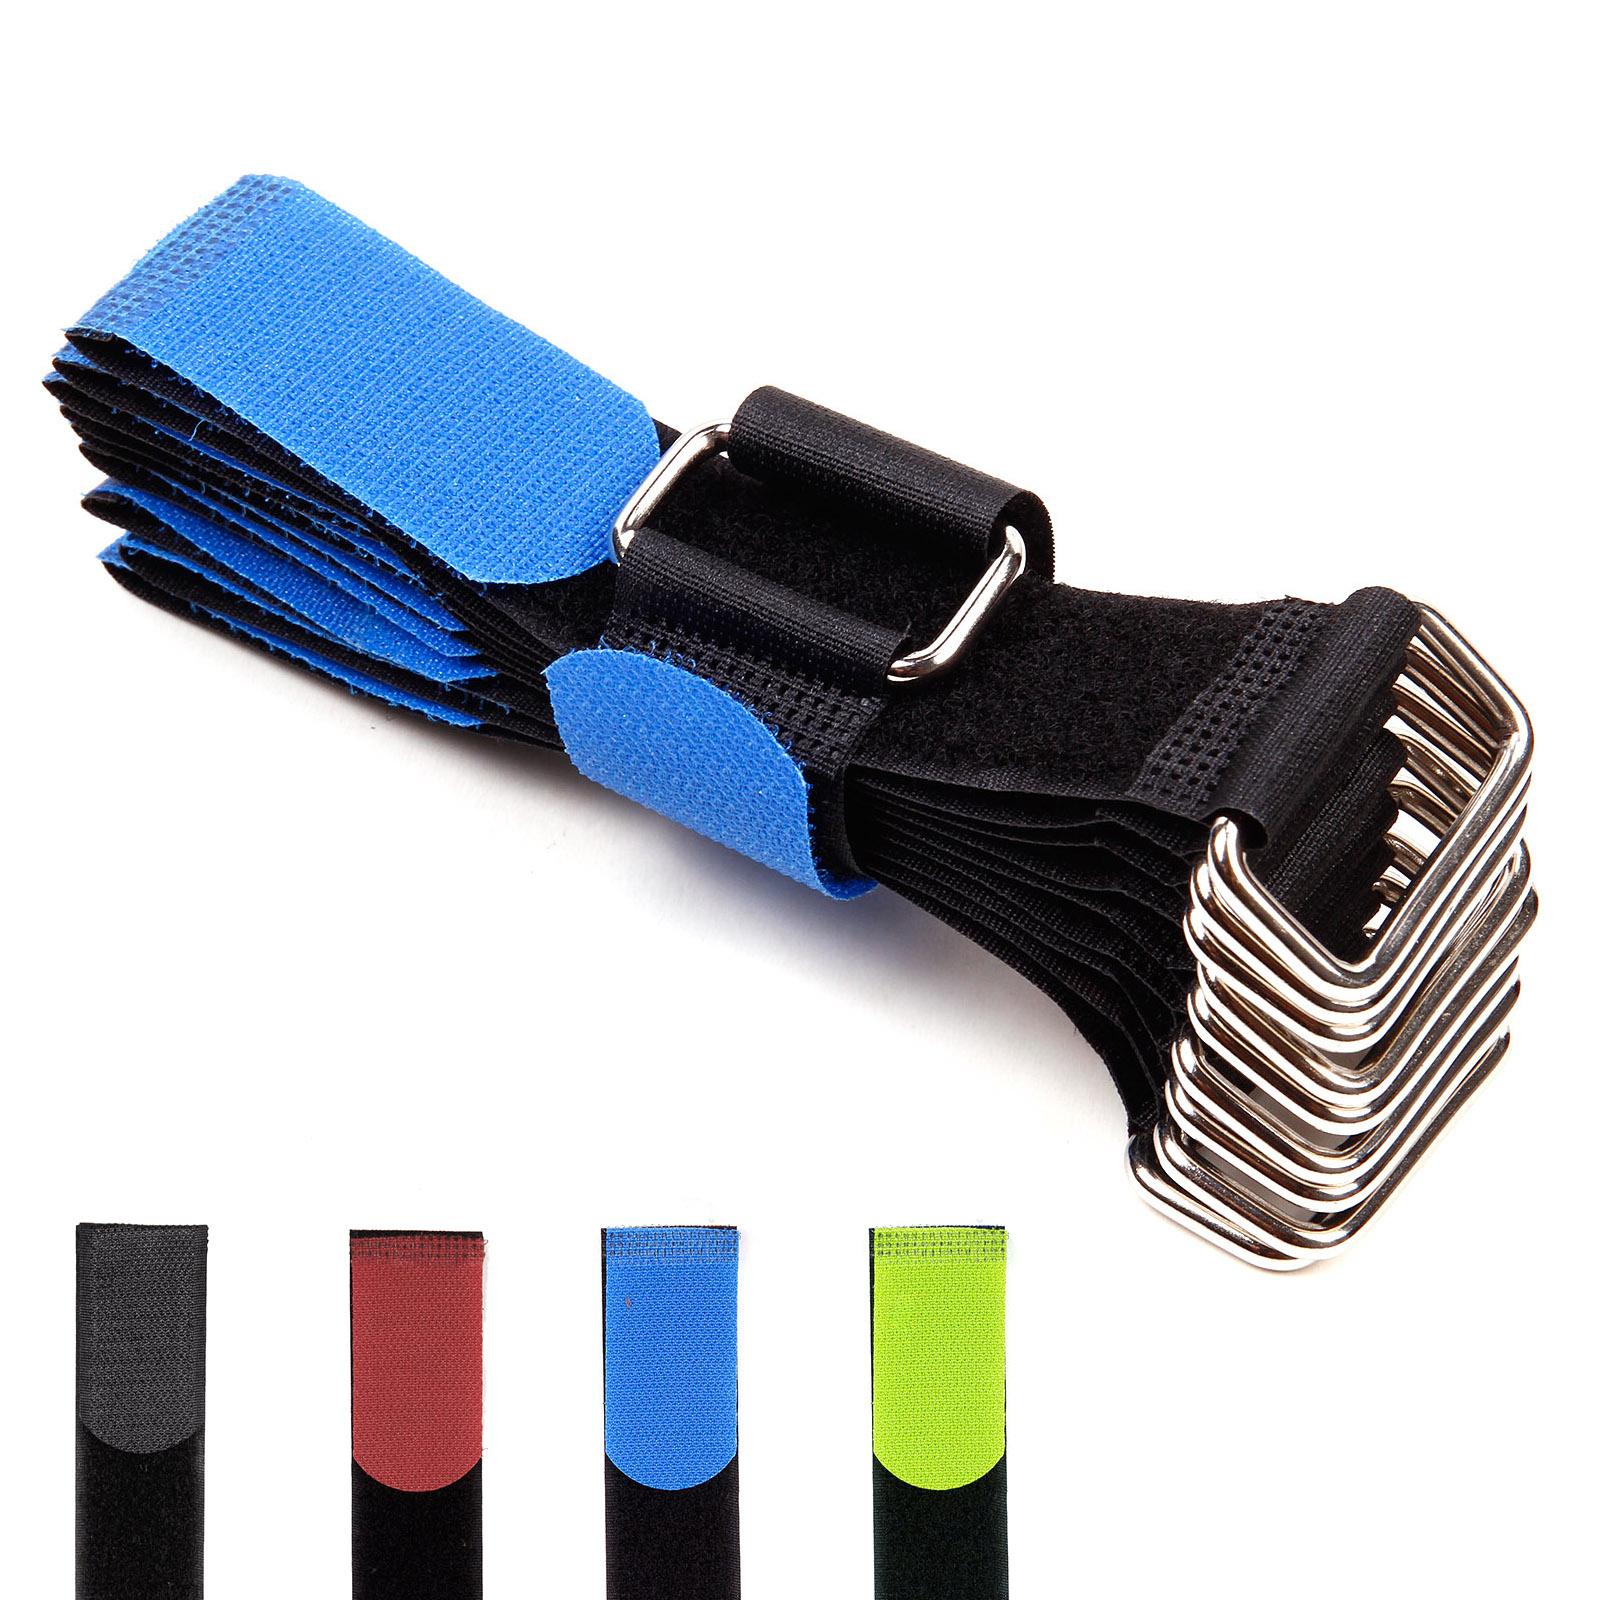 10 20 30 40 50 st ck kabel klettband schwarz metall se kabelklett kabelbinder ebay. Black Bedroom Furniture Sets. Home Design Ideas